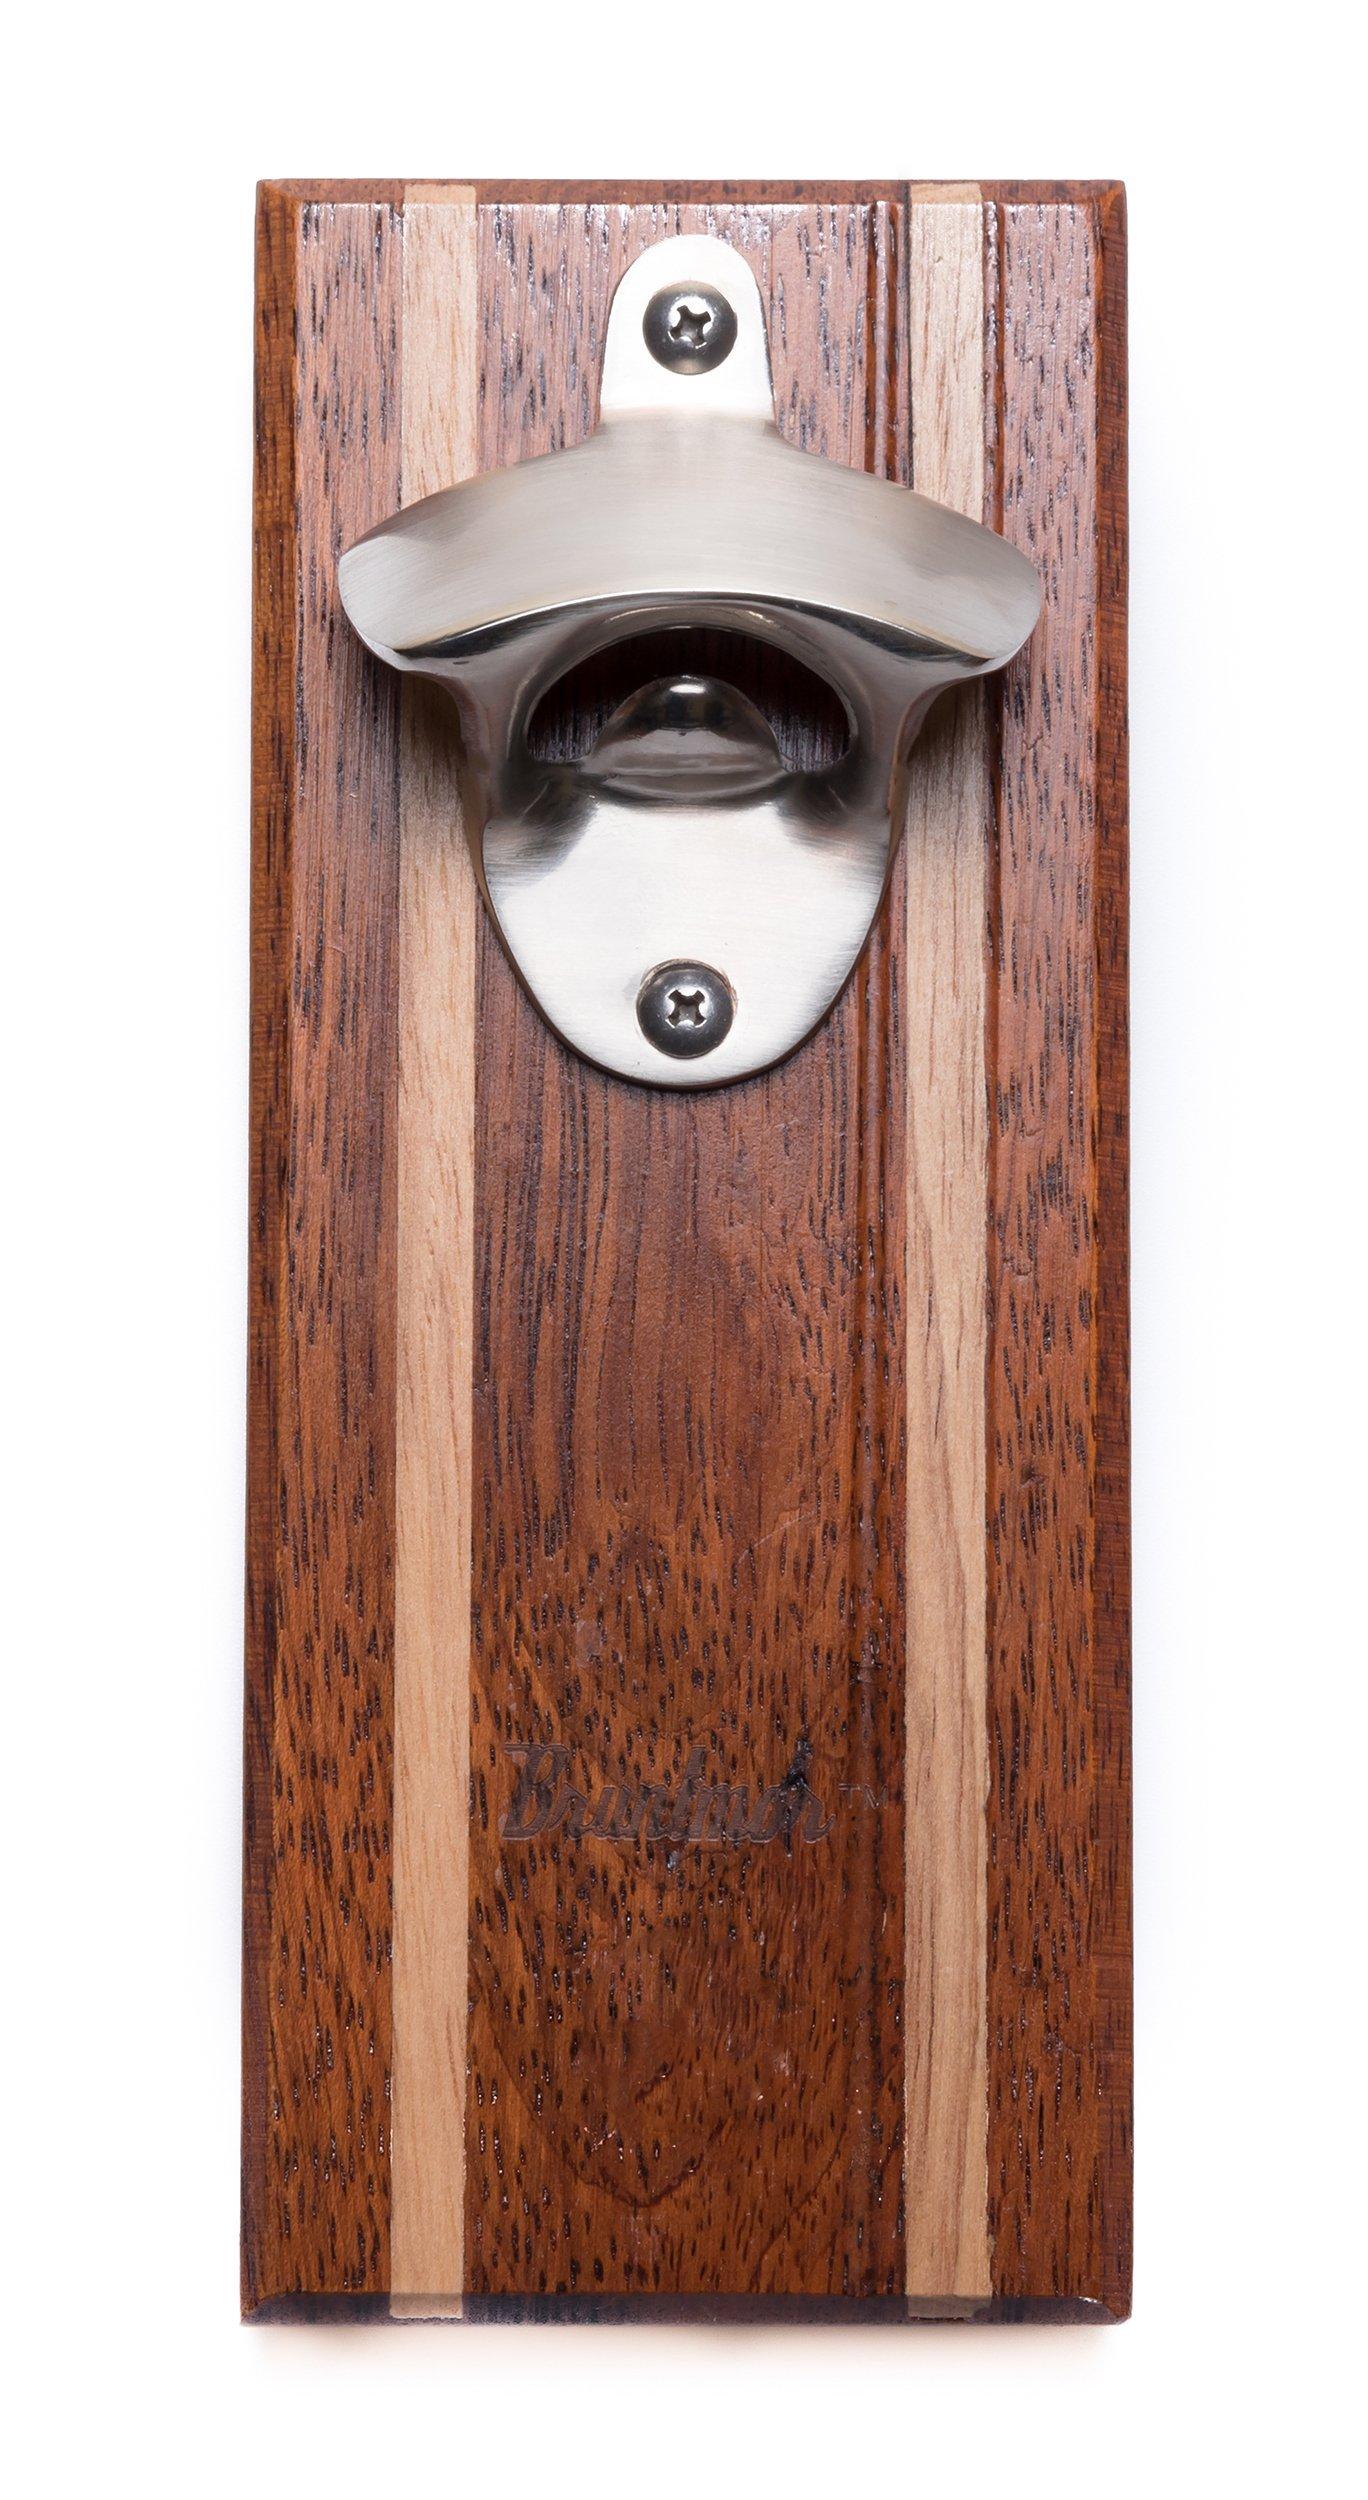 Bruntmor, CAPMAGS Strong Magnetic w/ Zinc Alloy Beer Opener & Cap Catcher - Rubberwood Hand Painted (Merbau)